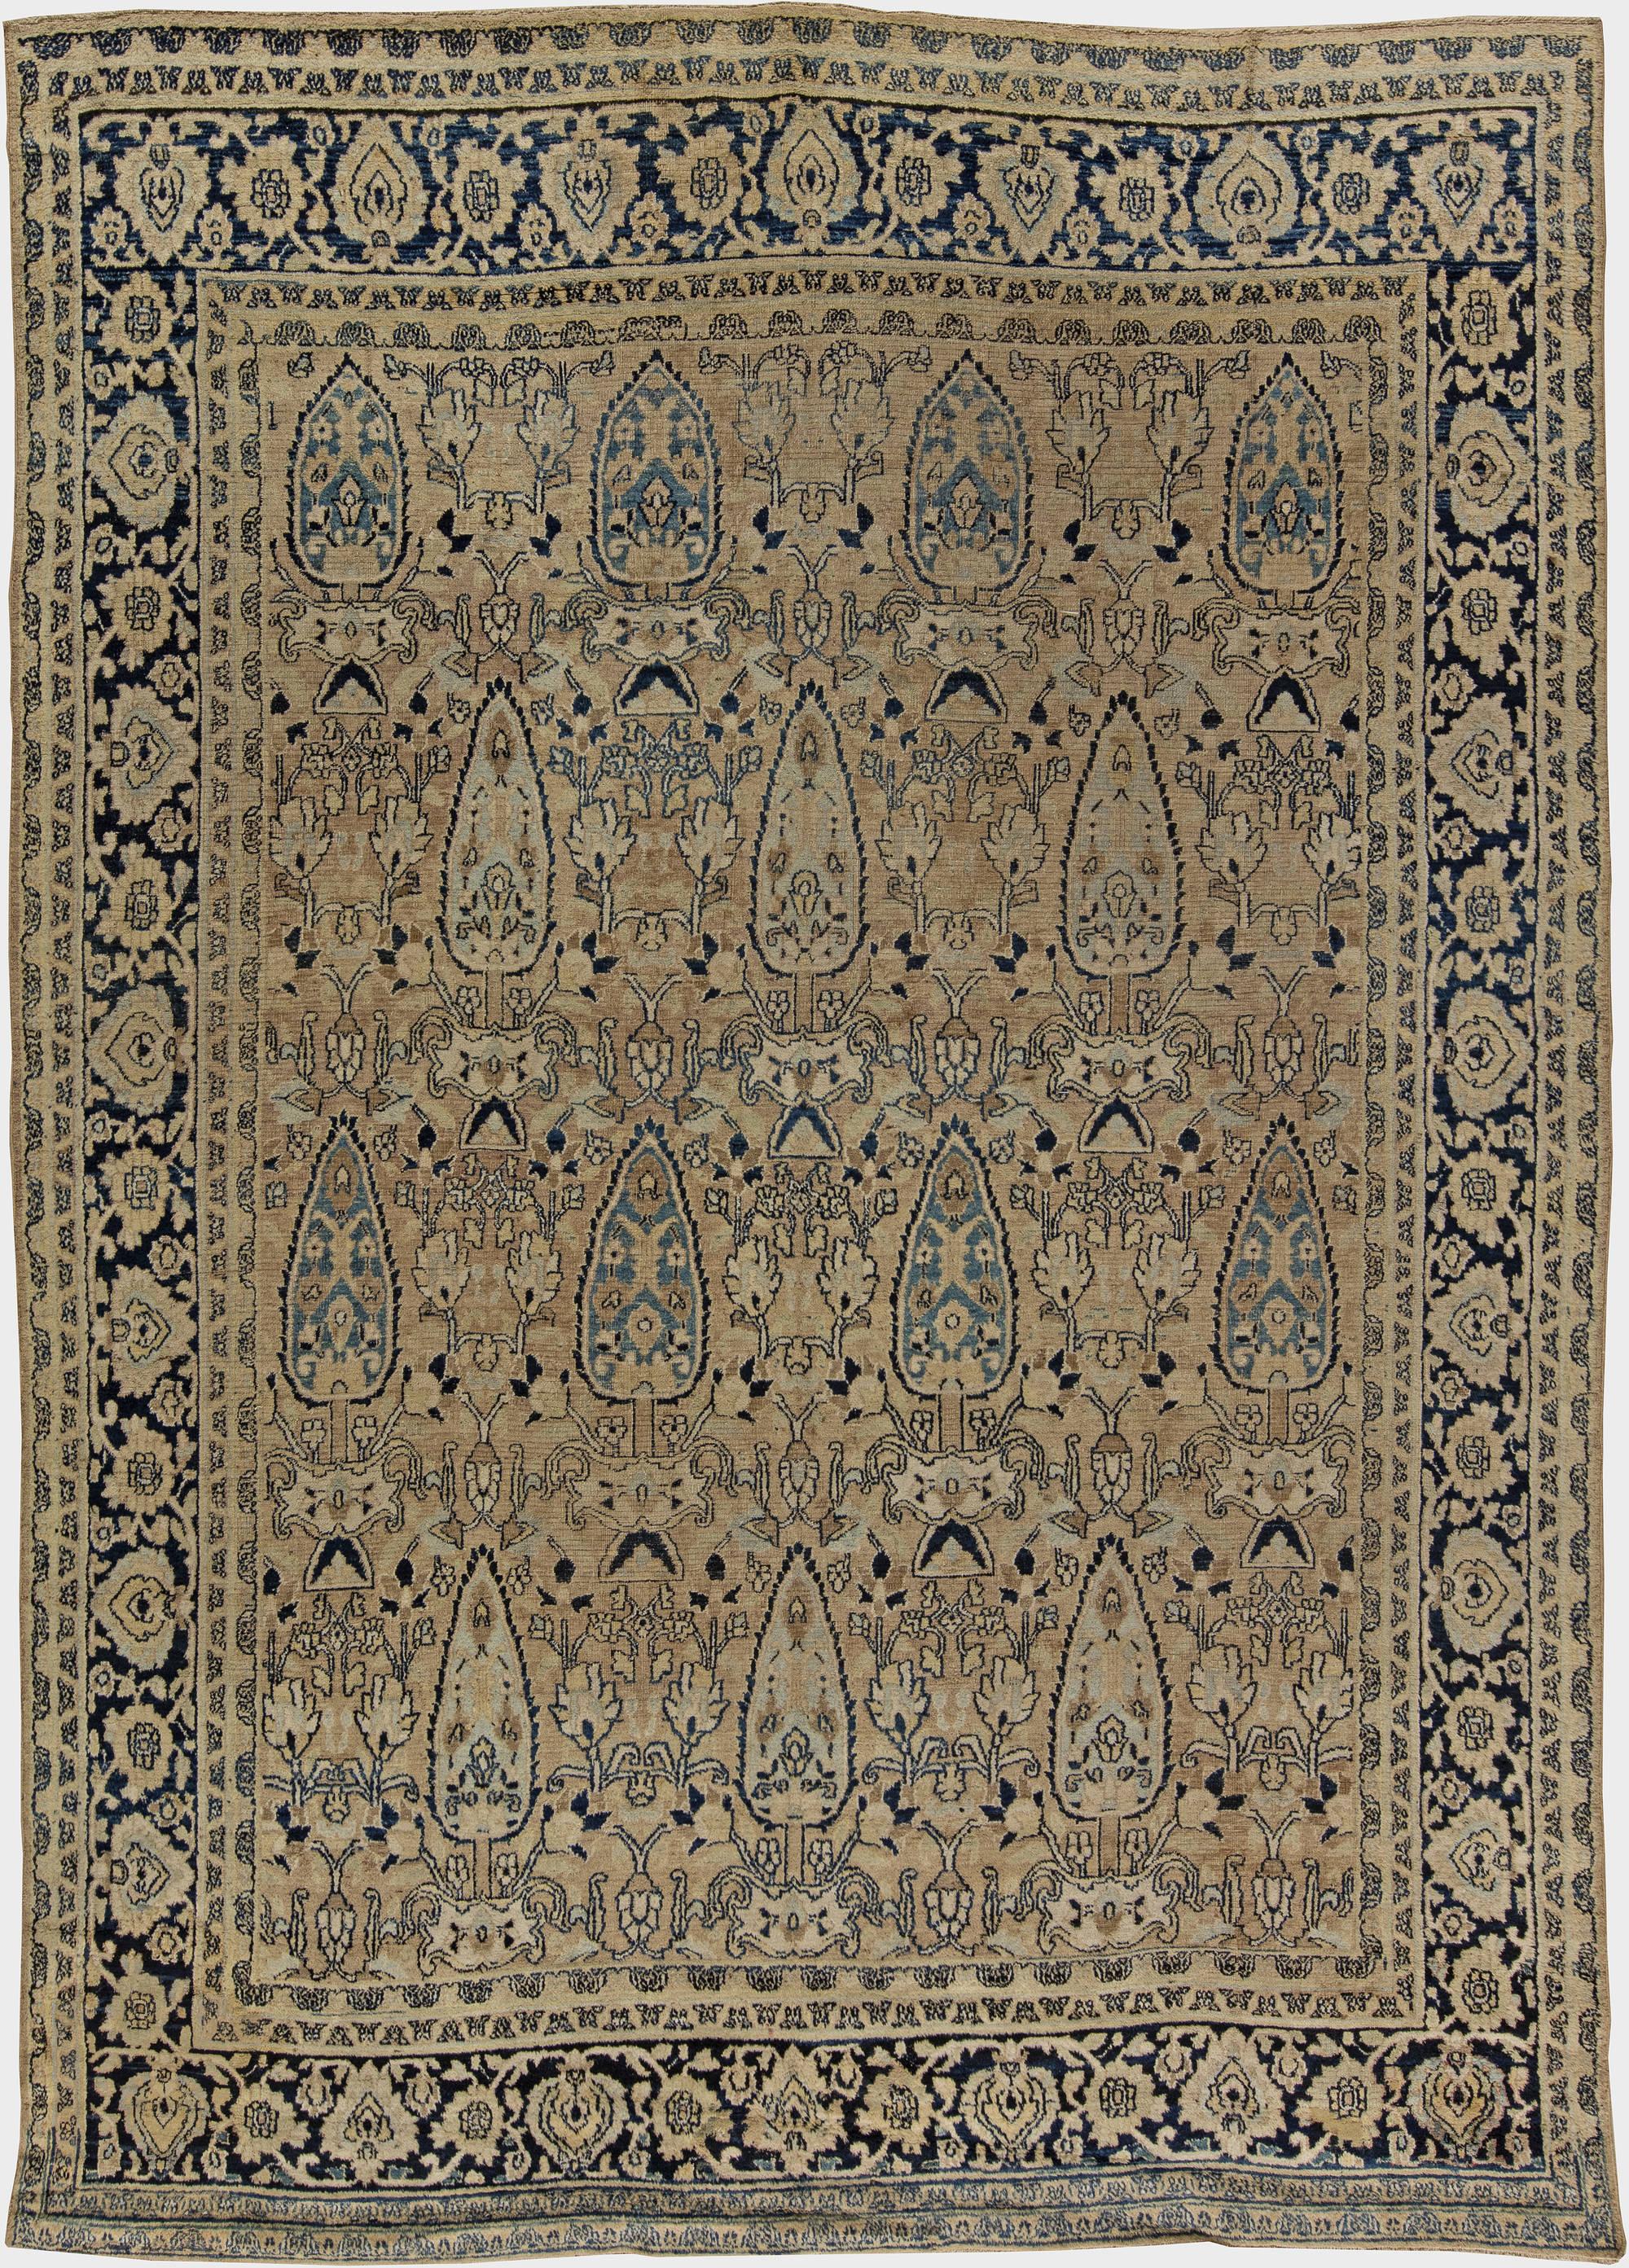 meshad mashad teppiche teppiche zum verkauf antiker persischer teppich nyc. Black Bedroom Furniture Sets. Home Design Ideas